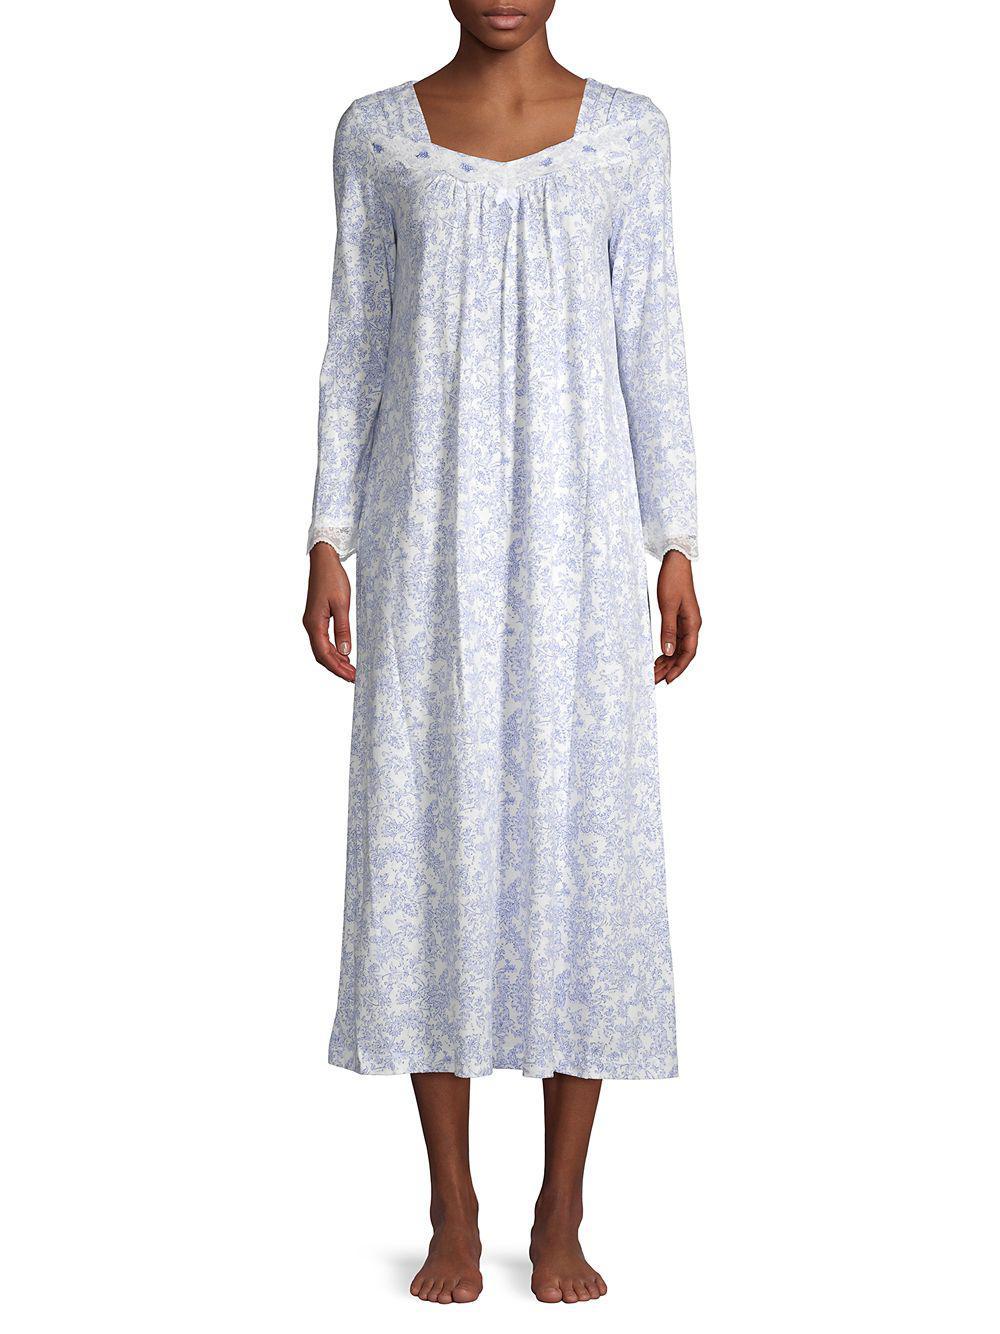 Lyst - Carole Hochman Floral Lace Trim Sleep Gown 870ce78cf